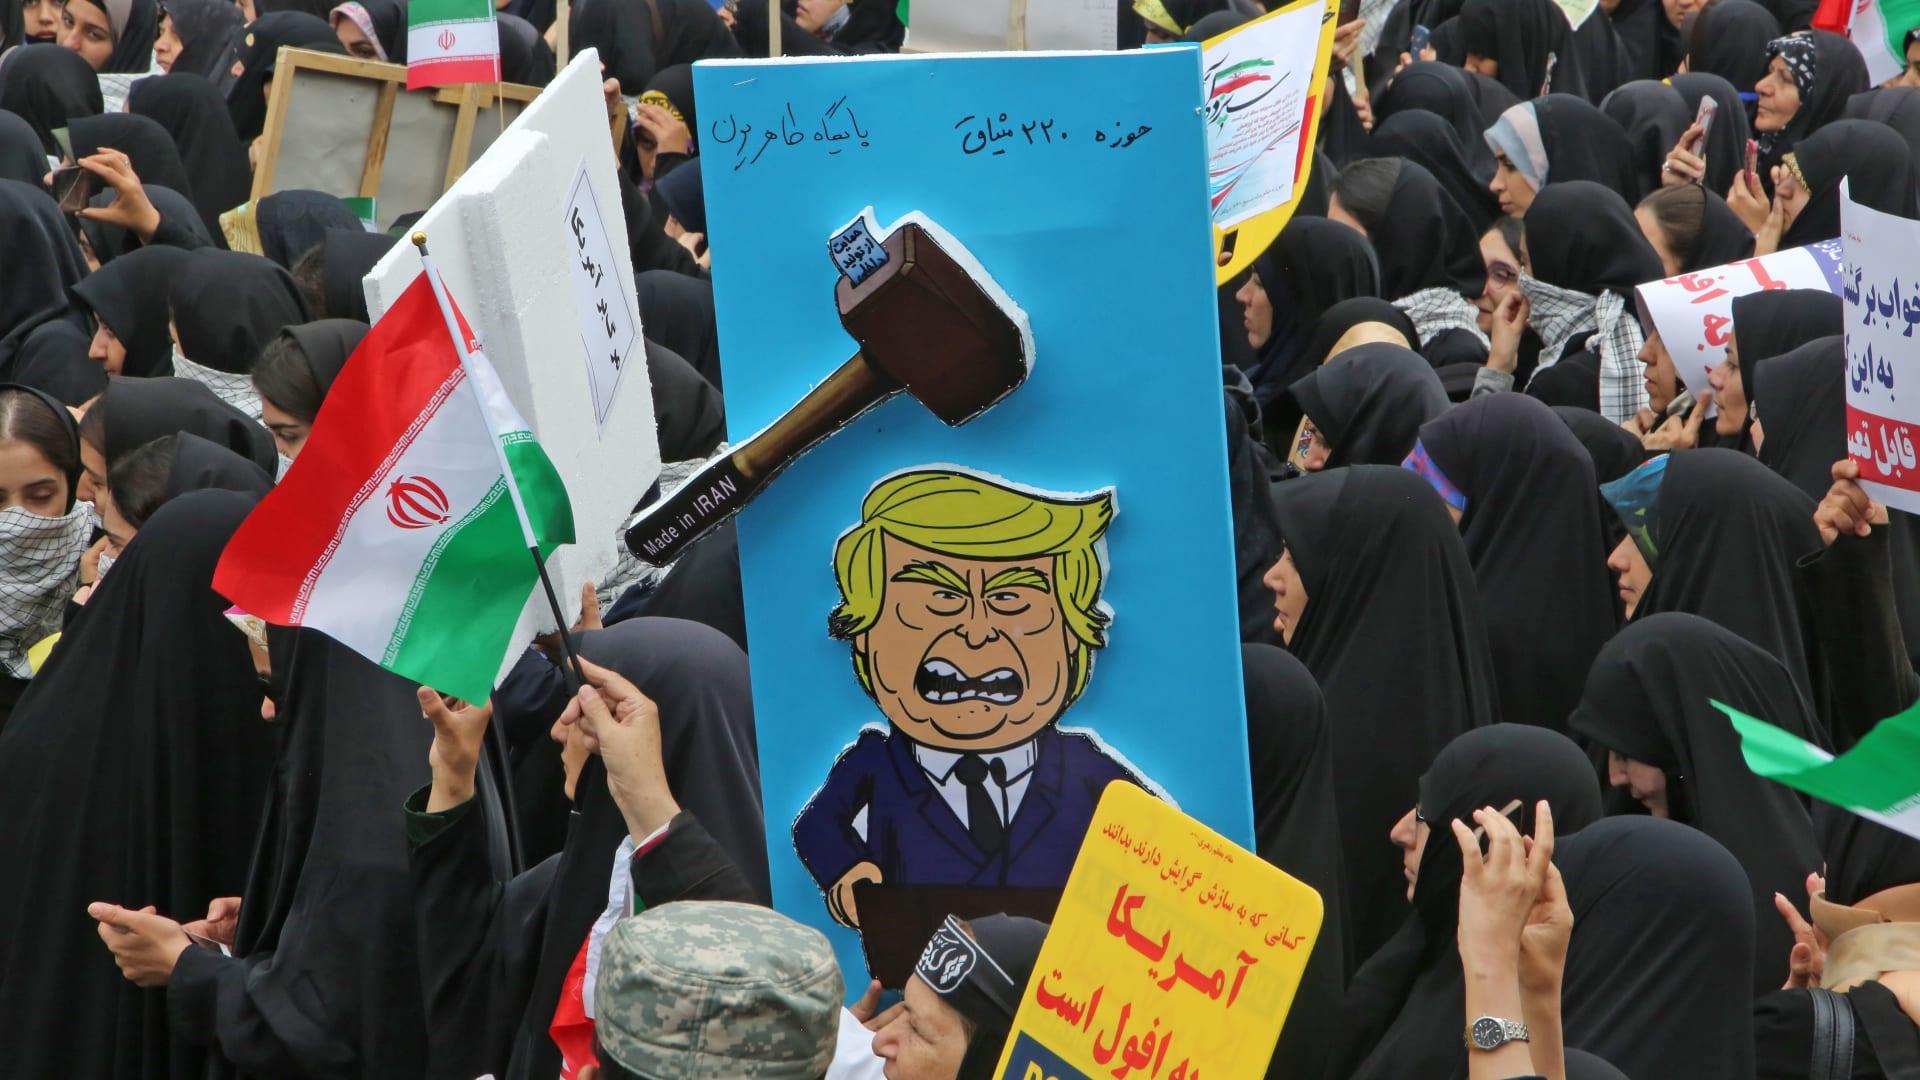 إيران تدشن 30 جهاز طرد مركزي تزامنا مع احتفالات حصار السفارة الأمريكية